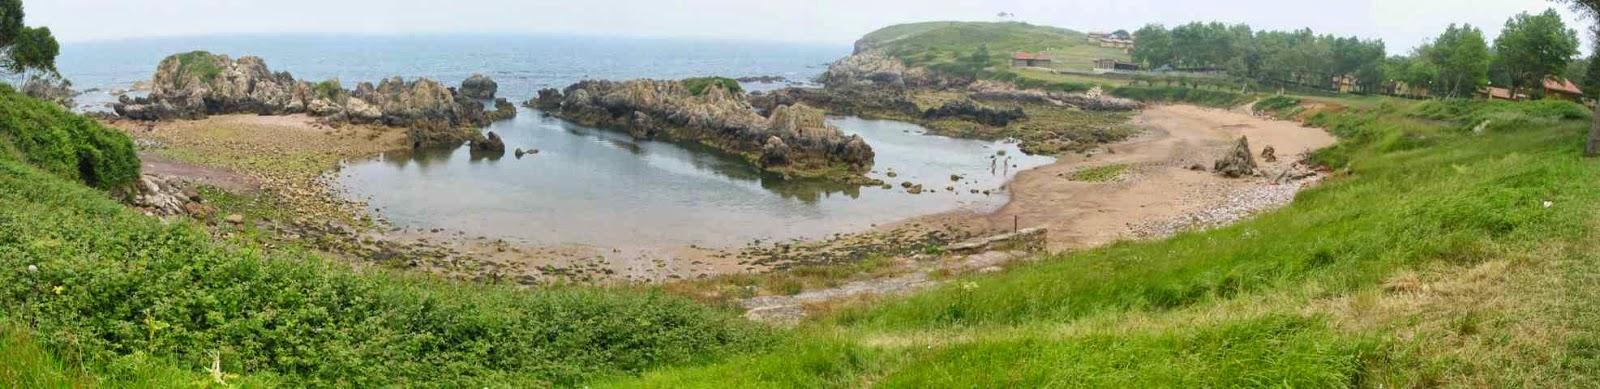 Asturias Central: Playas de Perlora, capricho pétreo del Cantábrico